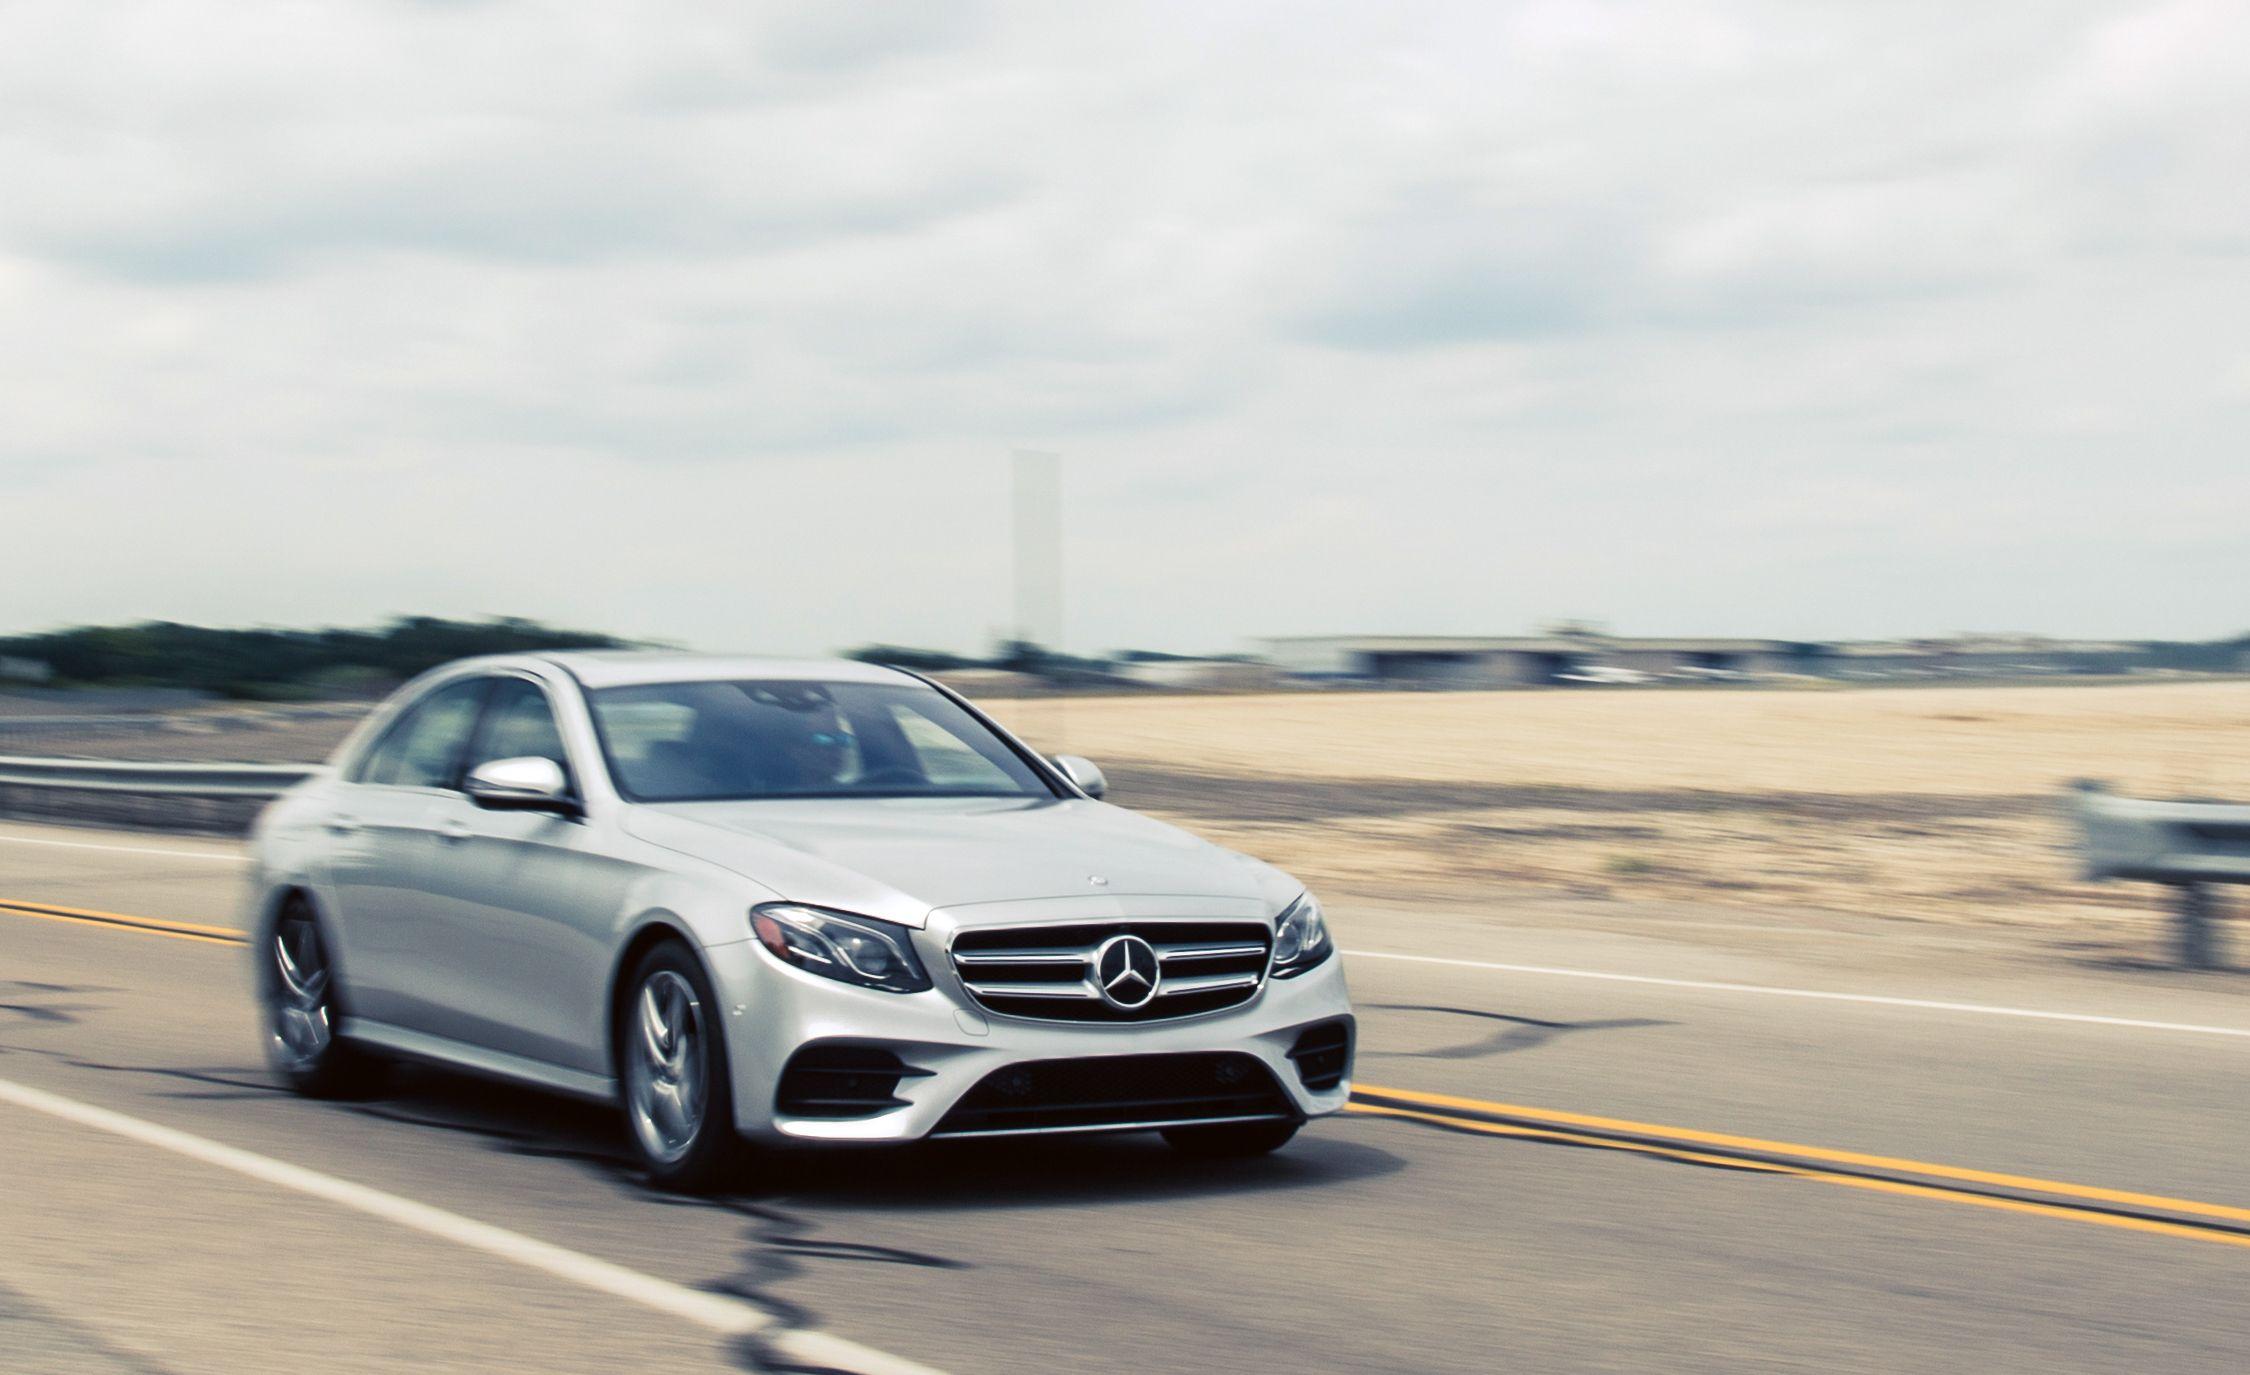 2017 Mercedes Benz E Class Exterior Review Car And Driver Remote Starter Diagram